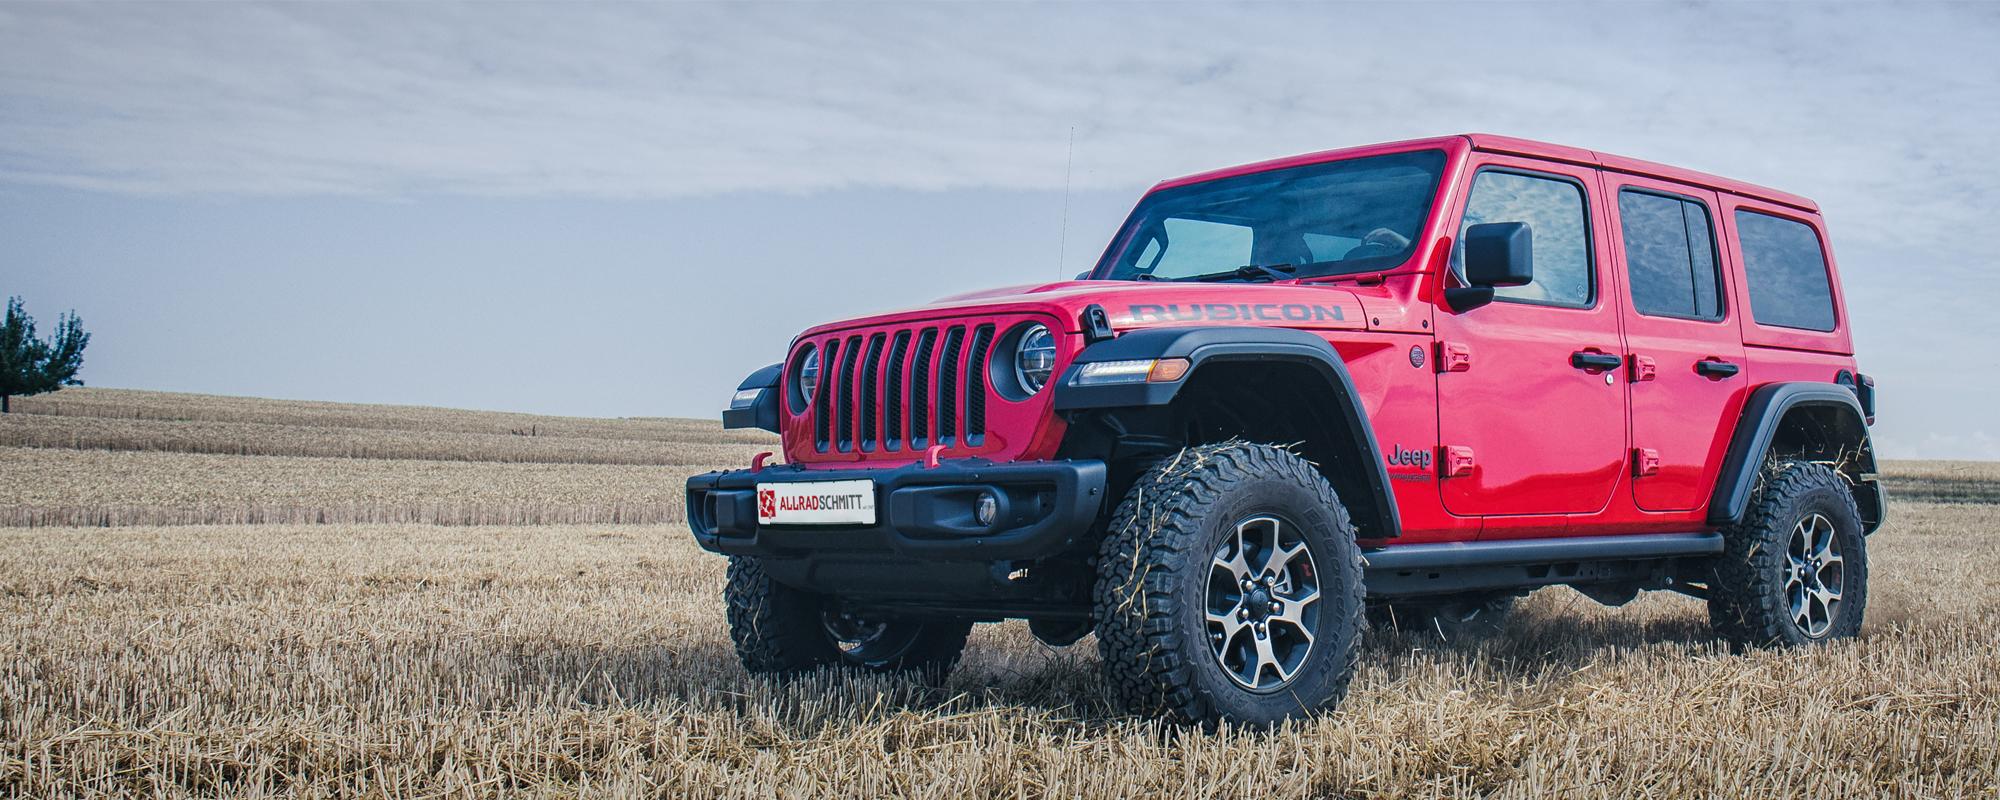 Roter Jeep Wrangler JL auf Feld im Sommer